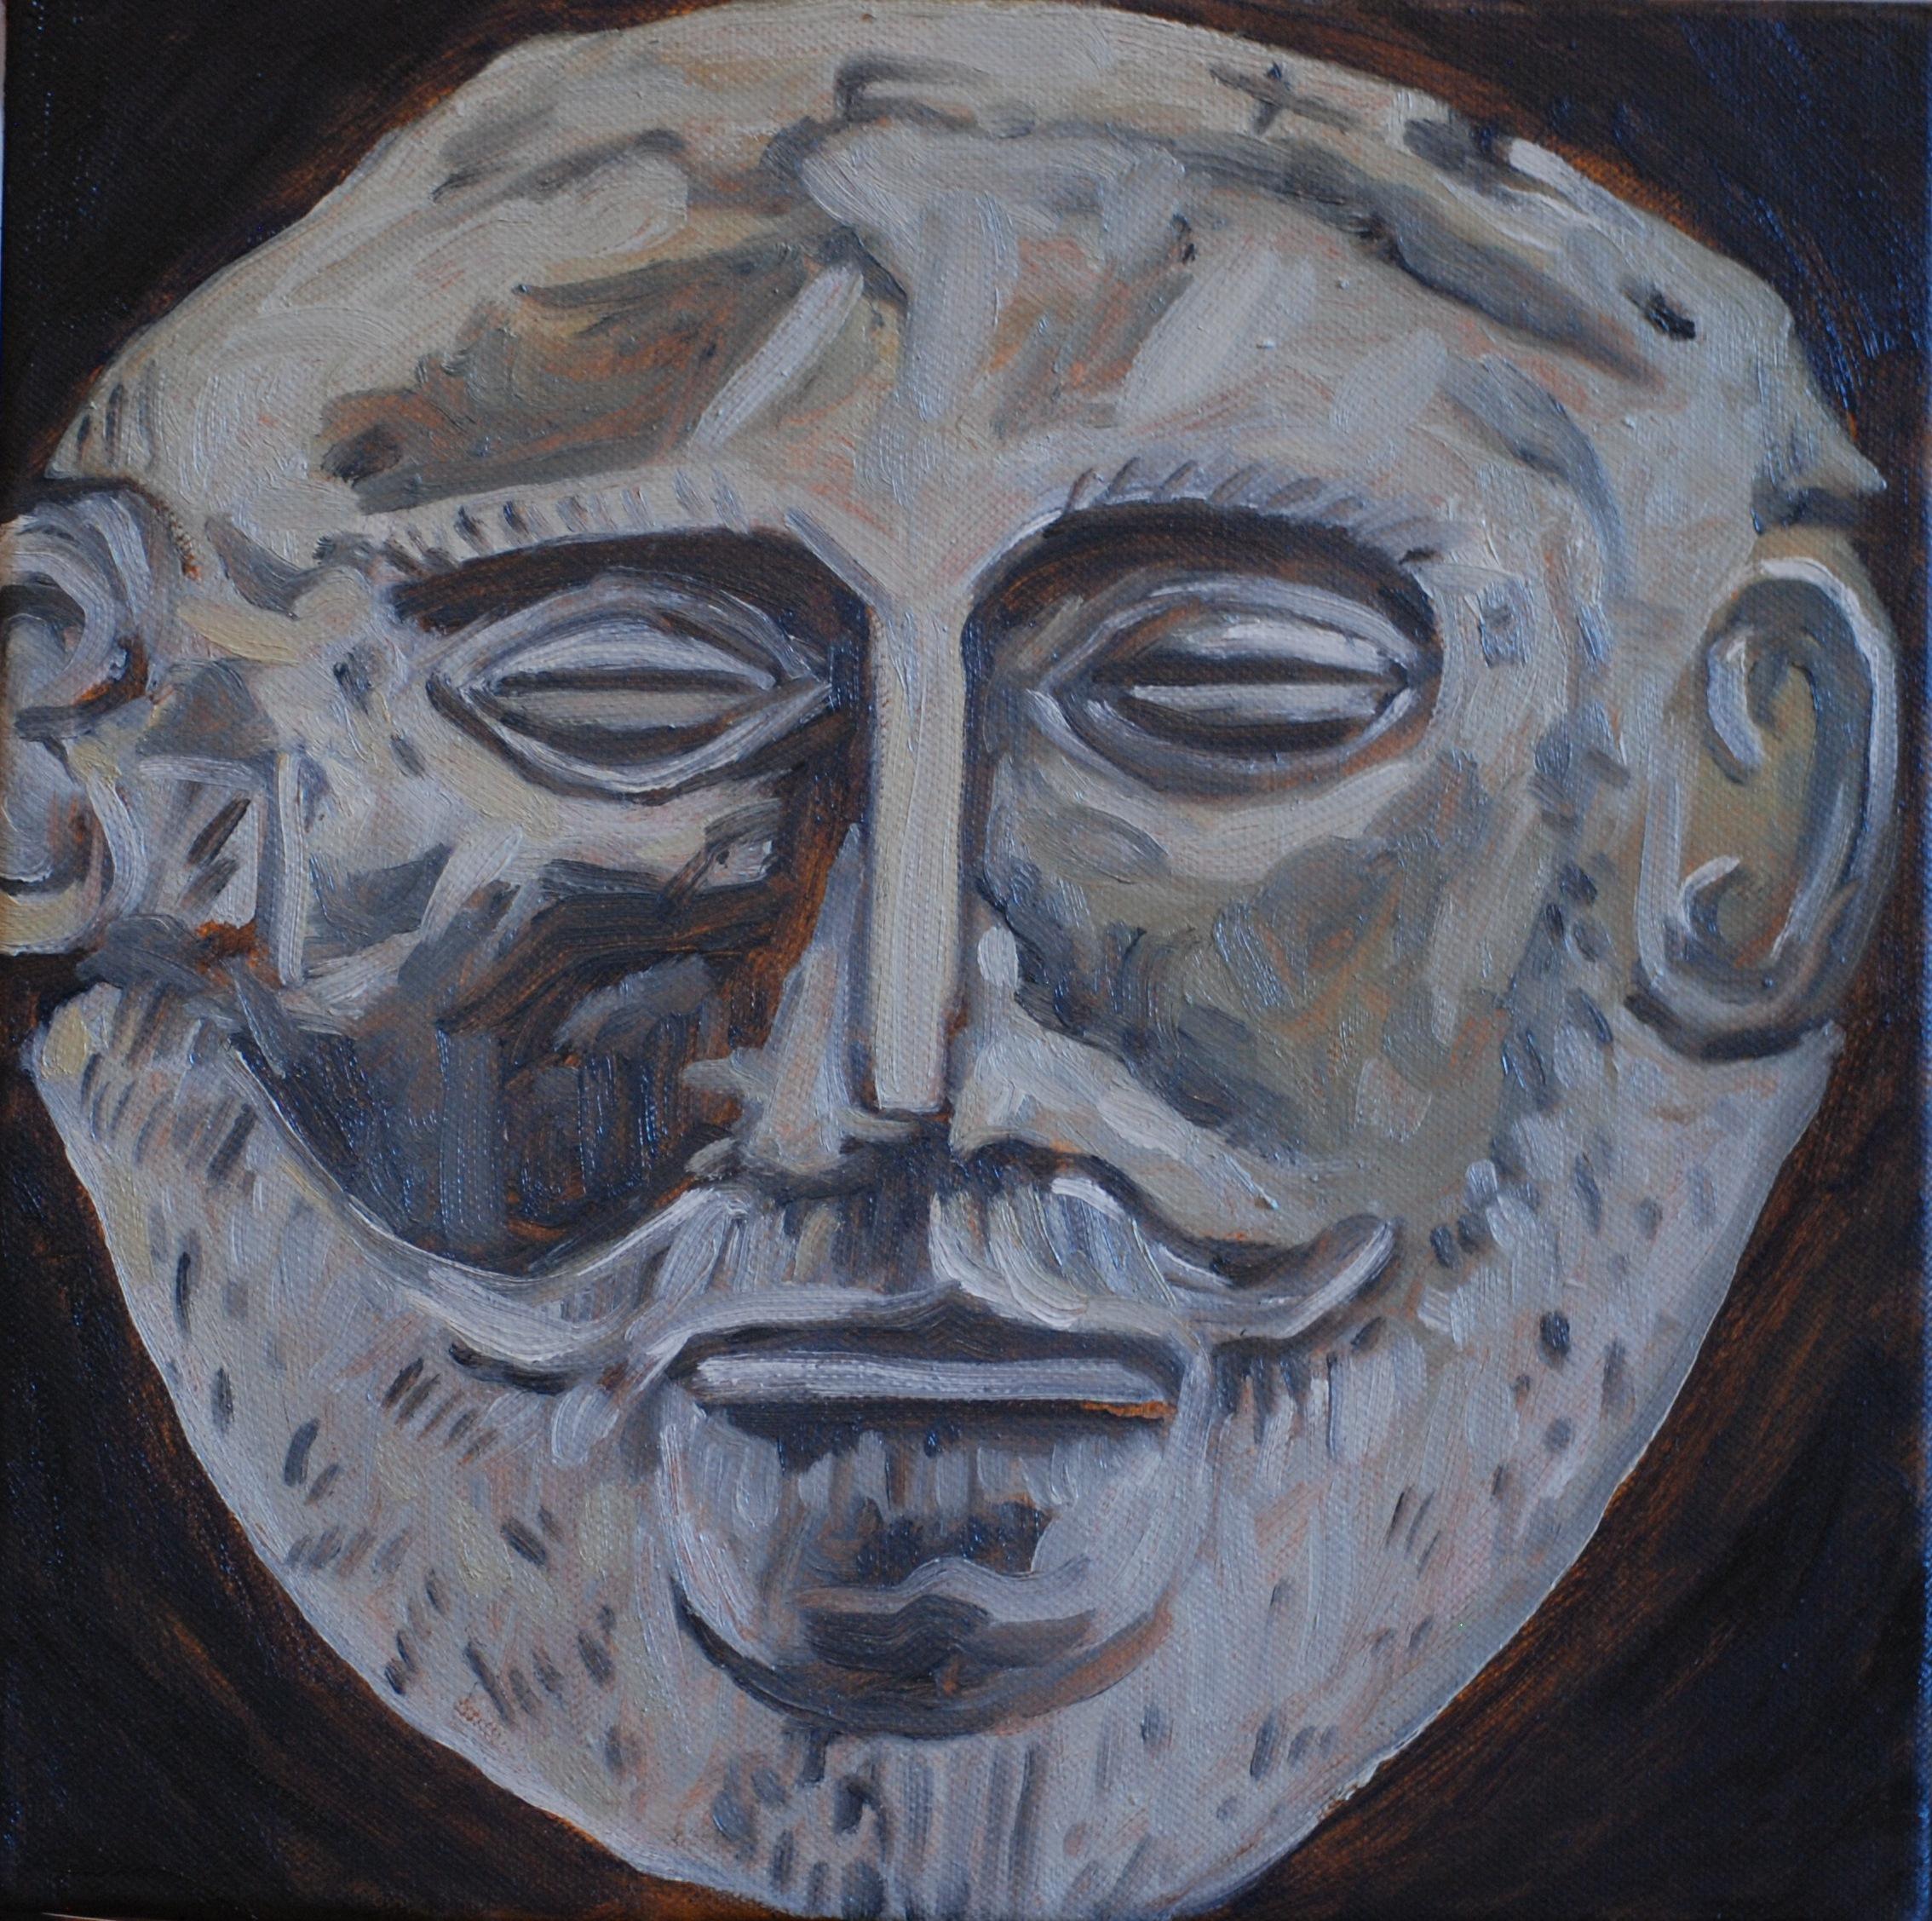 2012 agamemnon, oil on canvas, 30 x 30cm